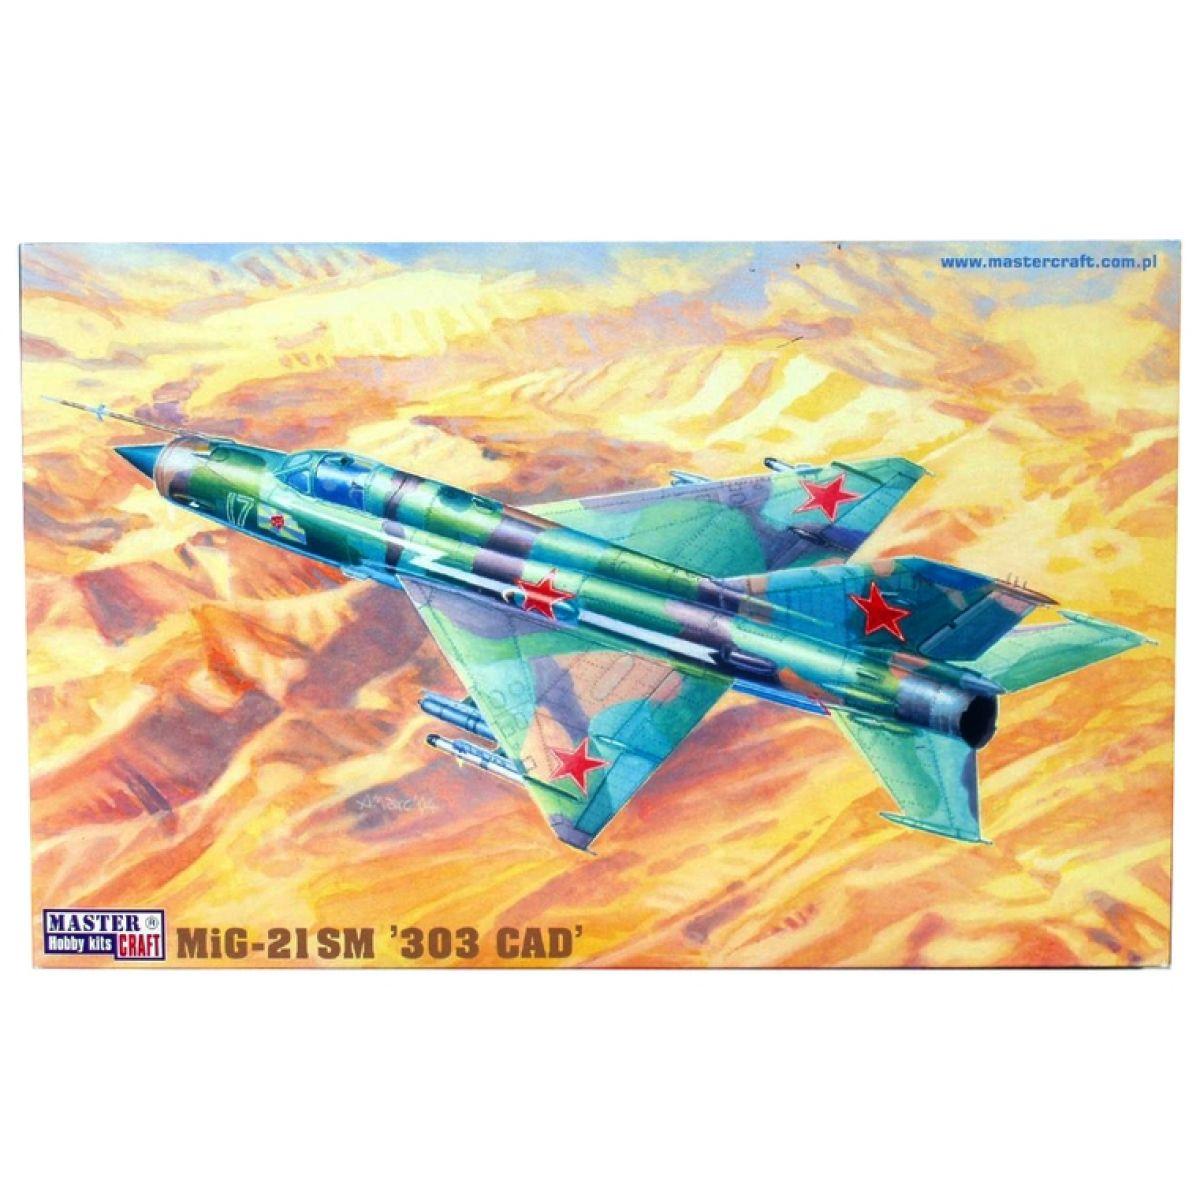 Master Craft Bojový letoun MiG-21SM 303 Cap - Série III